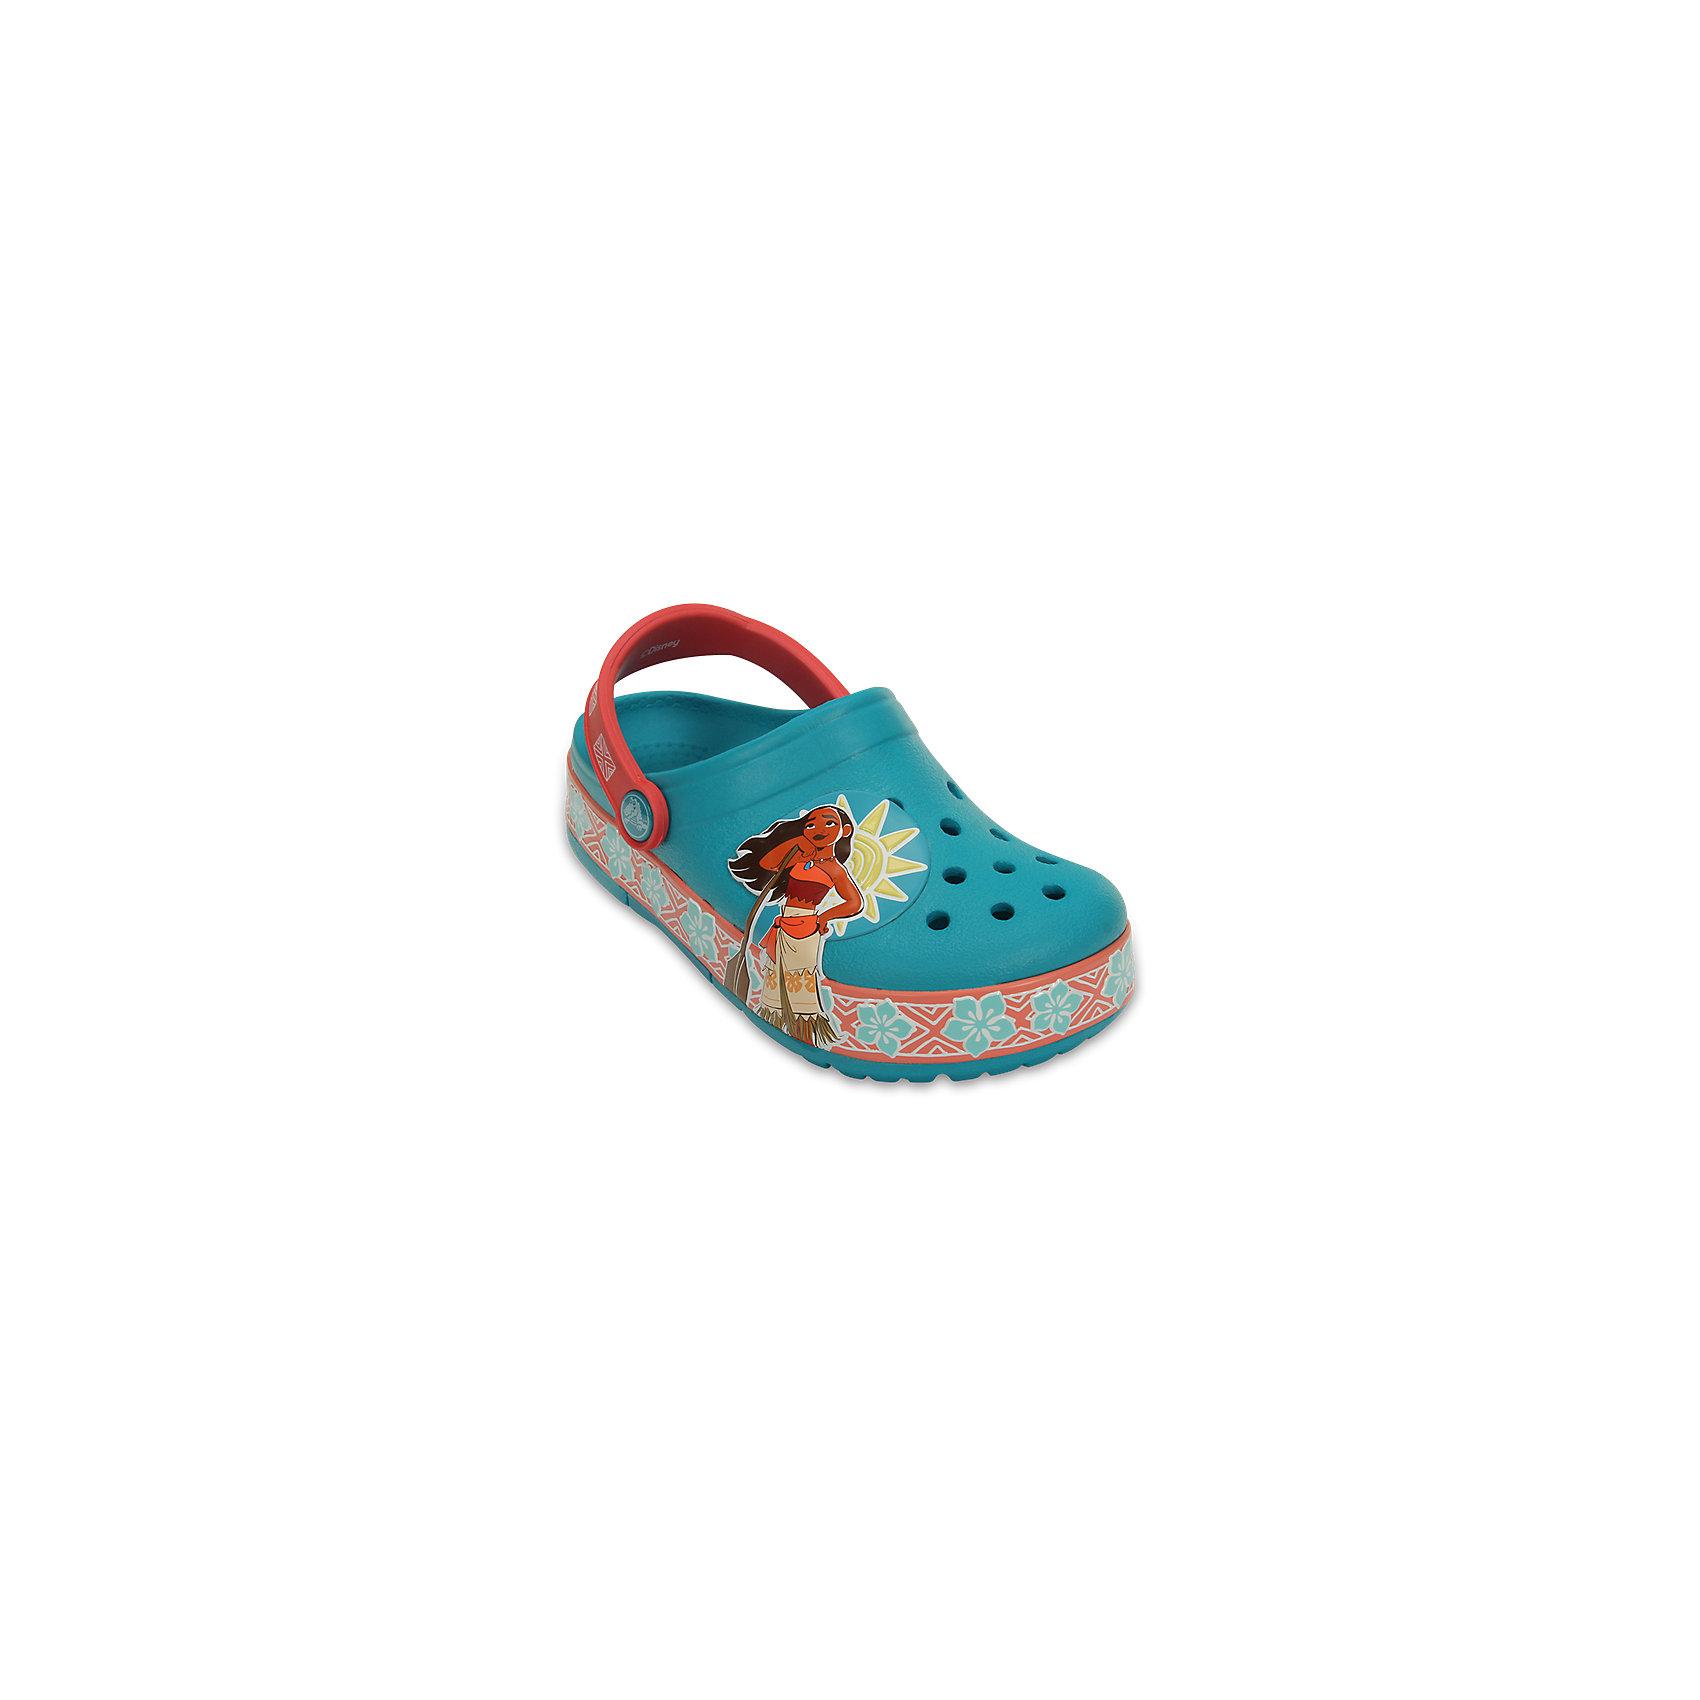 Сабо Kids Classic, CROCSПляжная обувь<br>Характеристики товара:<br><br>• цвет: голубой<br>• сезон: лето<br>• тип: пляжная обувь<br>• материал: 100% полимер Croslite™<br>• под воздействием температуры тела принимают форму стопы<br>• полностью литая модель<br>• вентиляционные отверстия<br>• бактериостатичный материал<br>• пяточный ремешок фиксирует стопу<br>• отверстия для использования украшений<br>• анатомическая стелька с массажными точками<br>• страна бренда: США<br>• страна изготовитель: Китай<br><br>Обувь от американского бренда Crocs в данный момент завоевала широкую популярность во всем мире, и это не удивительно - ведь она невероятно удобна. <br><br>Её носят врачи, спортсмены, звёзды шоу-бизнеса, люди, которым много времени приходится бывать на ногах - они понимают, как важна комфортная обувь. <br><br>Продукция Crocs - это качественные товары, созданные с применением новейших технологий. <br><br>Обувь отличается стильным дизайном и продуманной конструкцией. <br><br>Изделие производится из качественных и проверенных материалов, которые безопасны для детей.<br><br>Сабо Kids Classic от торговой марки Crocs можно купить в нашем интернет-магазине.<br><br>Ширина мм: 225<br>Глубина мм: 139<br>Высота мм: 112<br>Вес г: 290<br>Цвет: голубой<br>Возраст от месяцев: 132<br>Возраст до месяцев: 144<br>Пол: Женский<br>Возраст: Детский<br>Размер: 34/35,30,27,28,29,23,31/32,24,25,26,33/34<br>SKU: 5417032